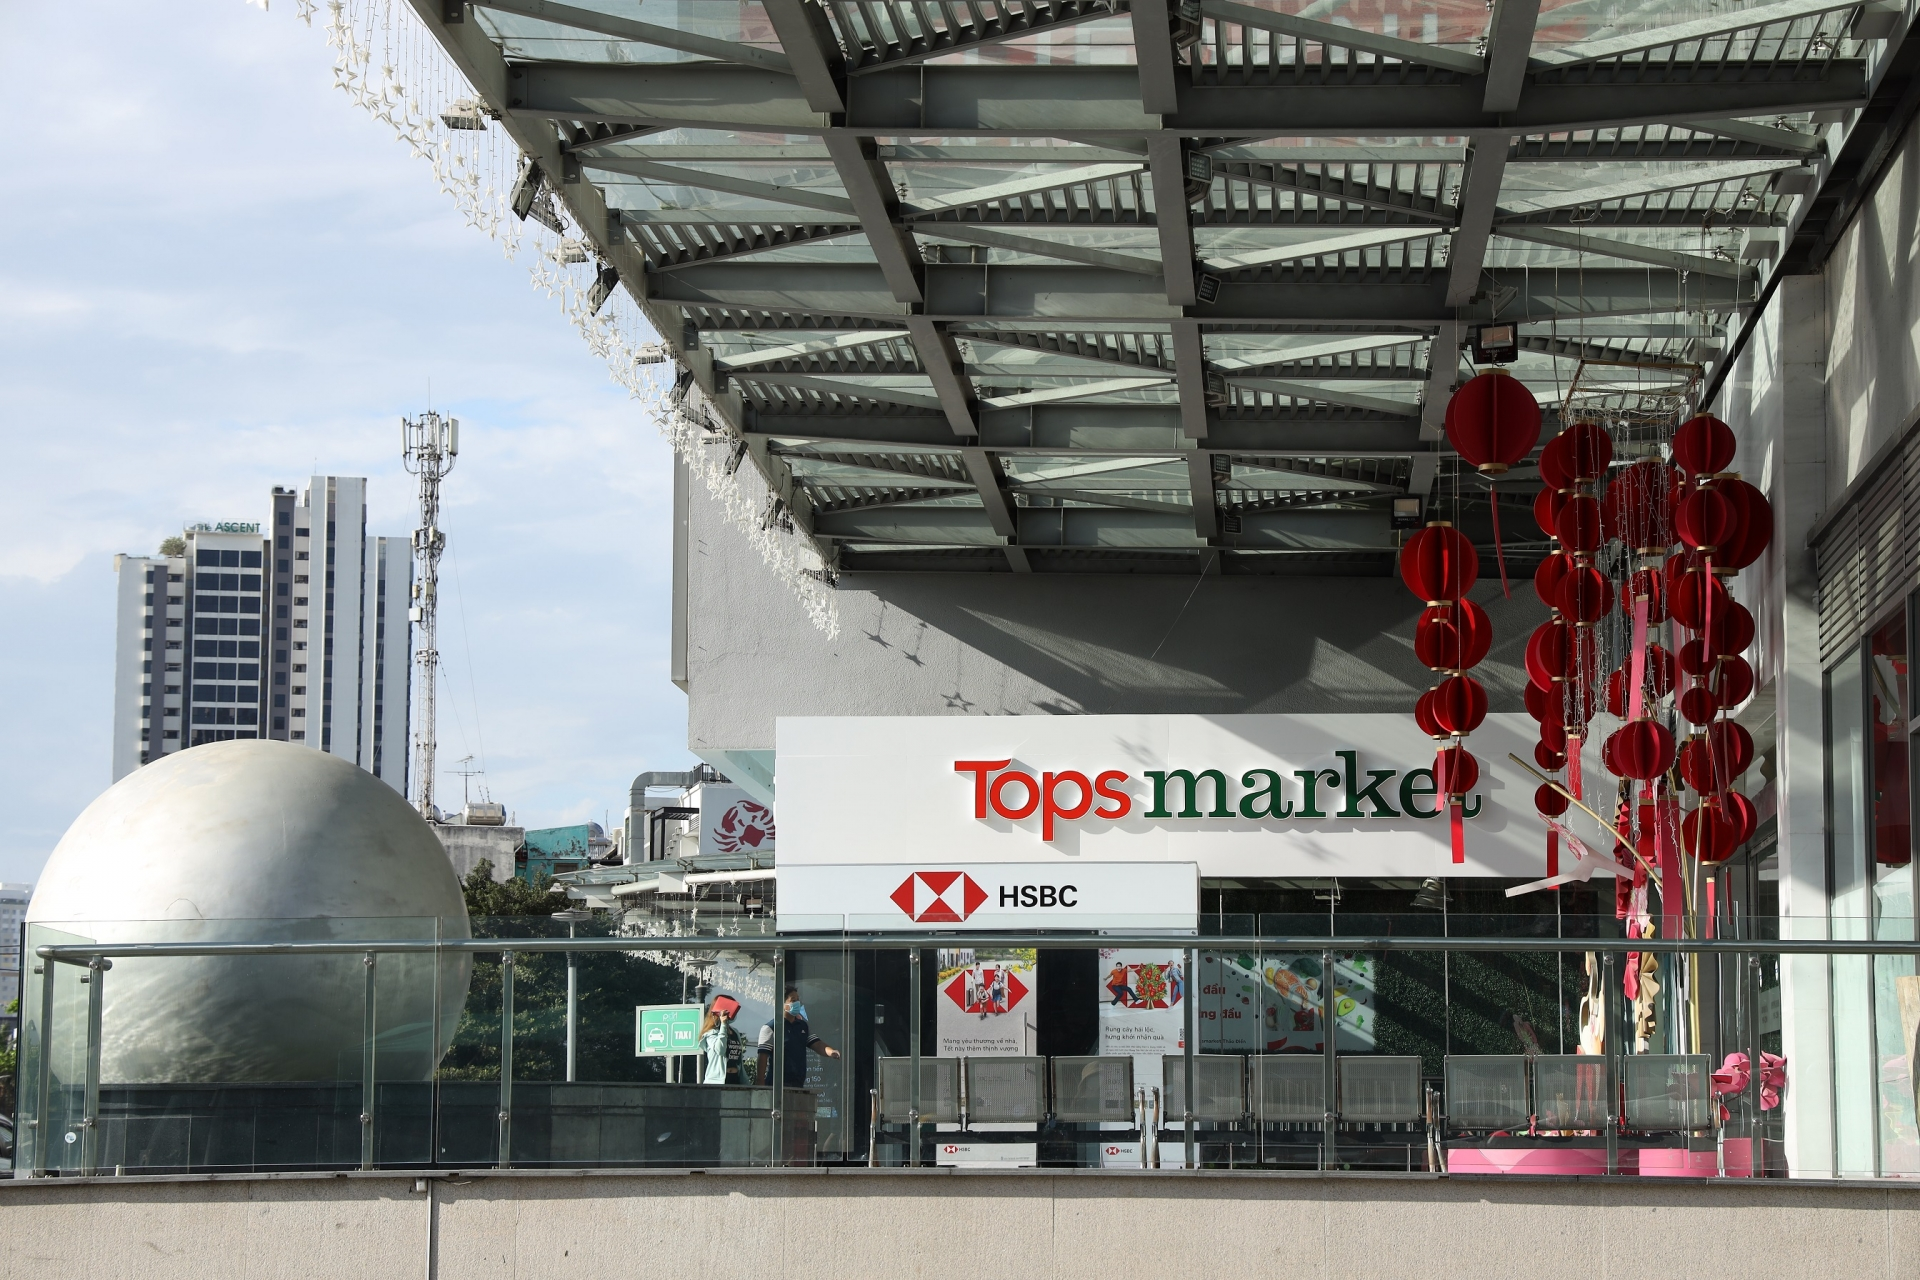 big c renamed to go and tops market in vietnam